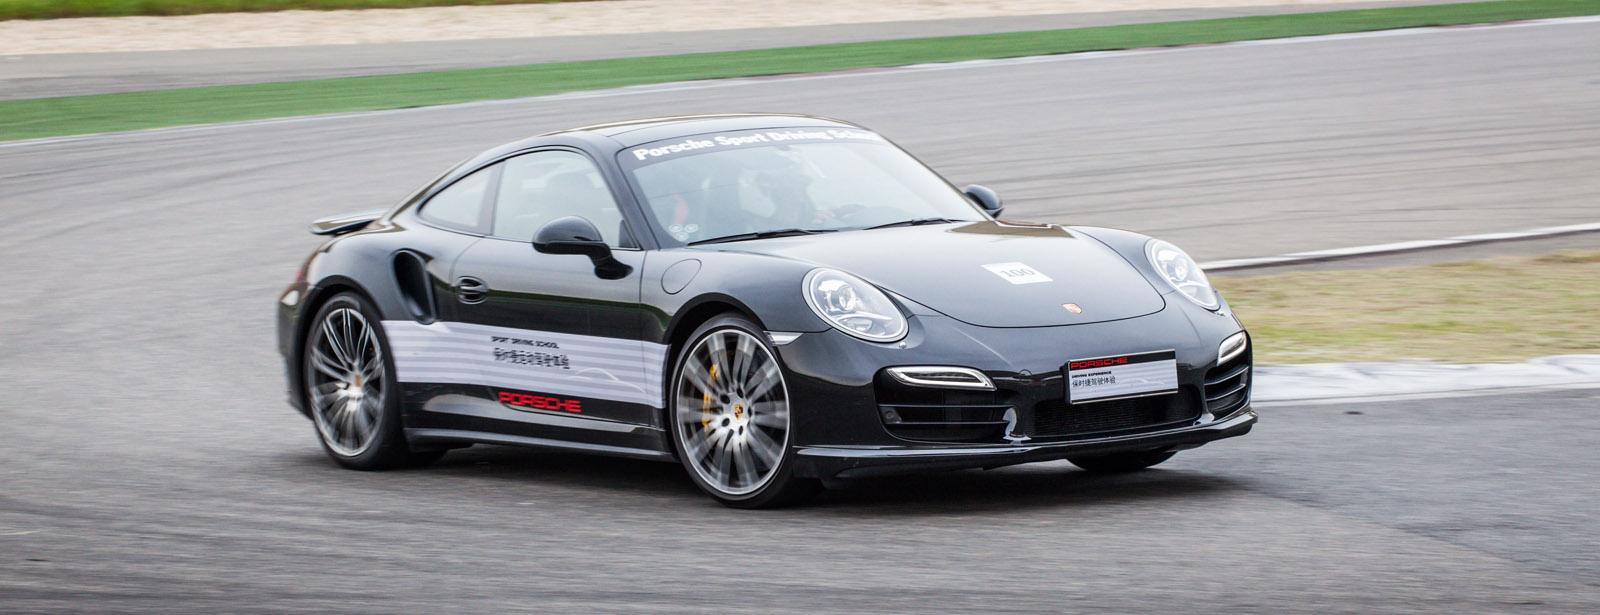 Porsche Driving School >> Porsche Sport Driving School An Overview Of What S On